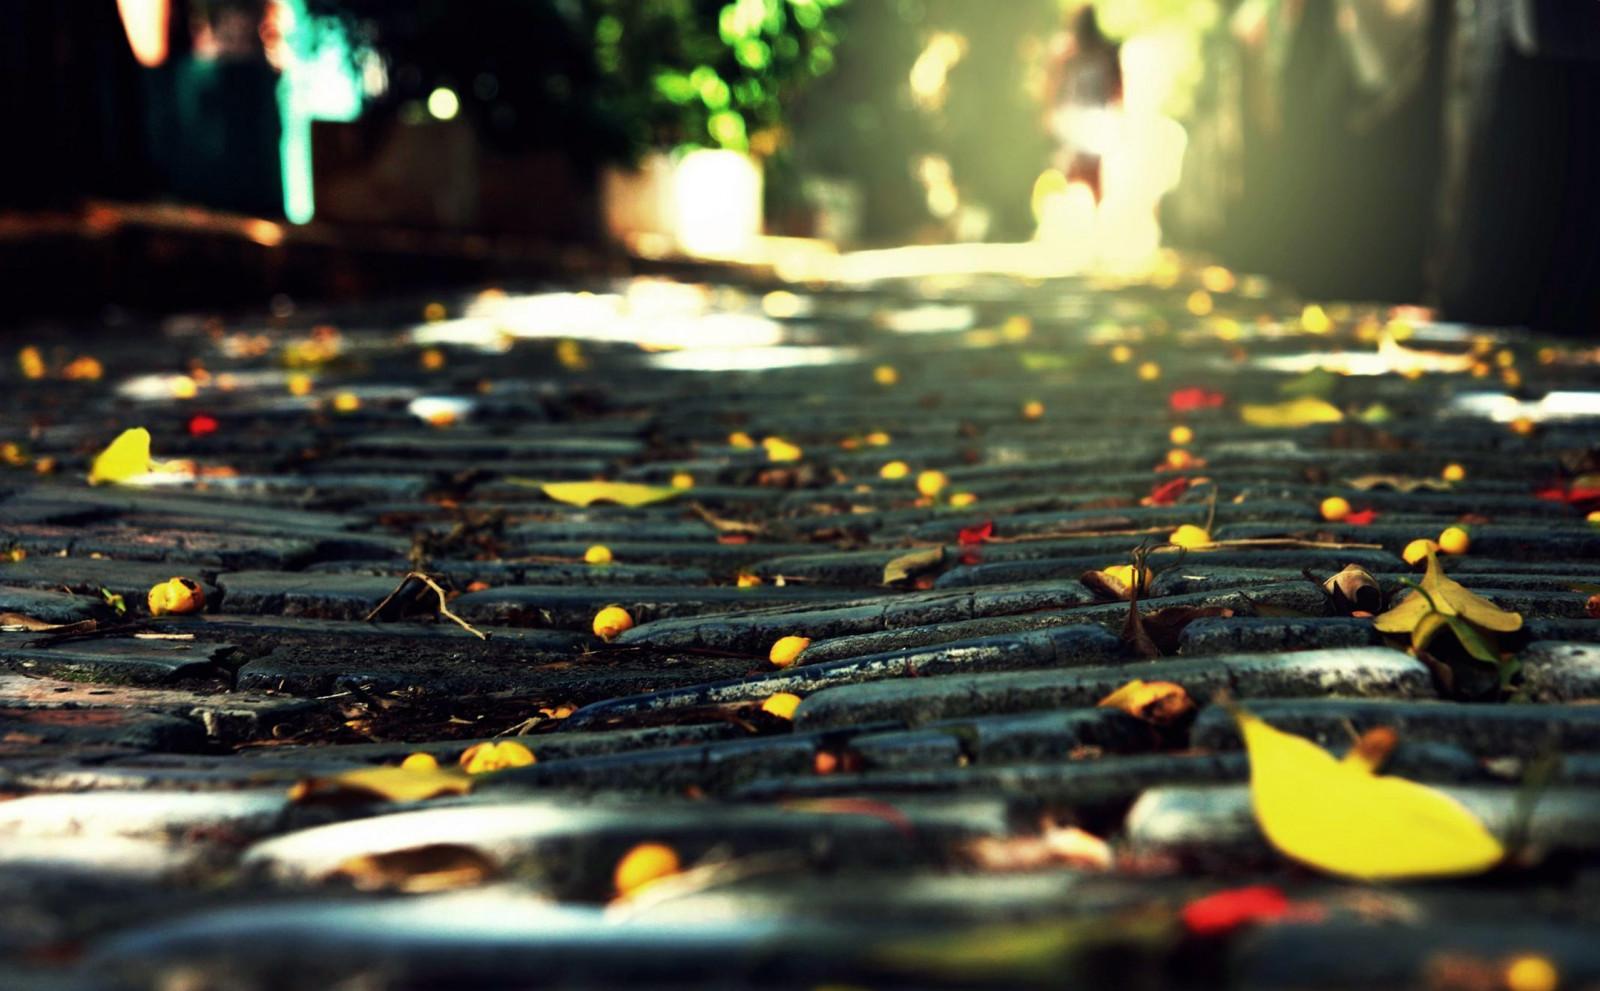 Sfondi luce del sole acqua riflessione erba giallo for Foto per desktop gratis autunno